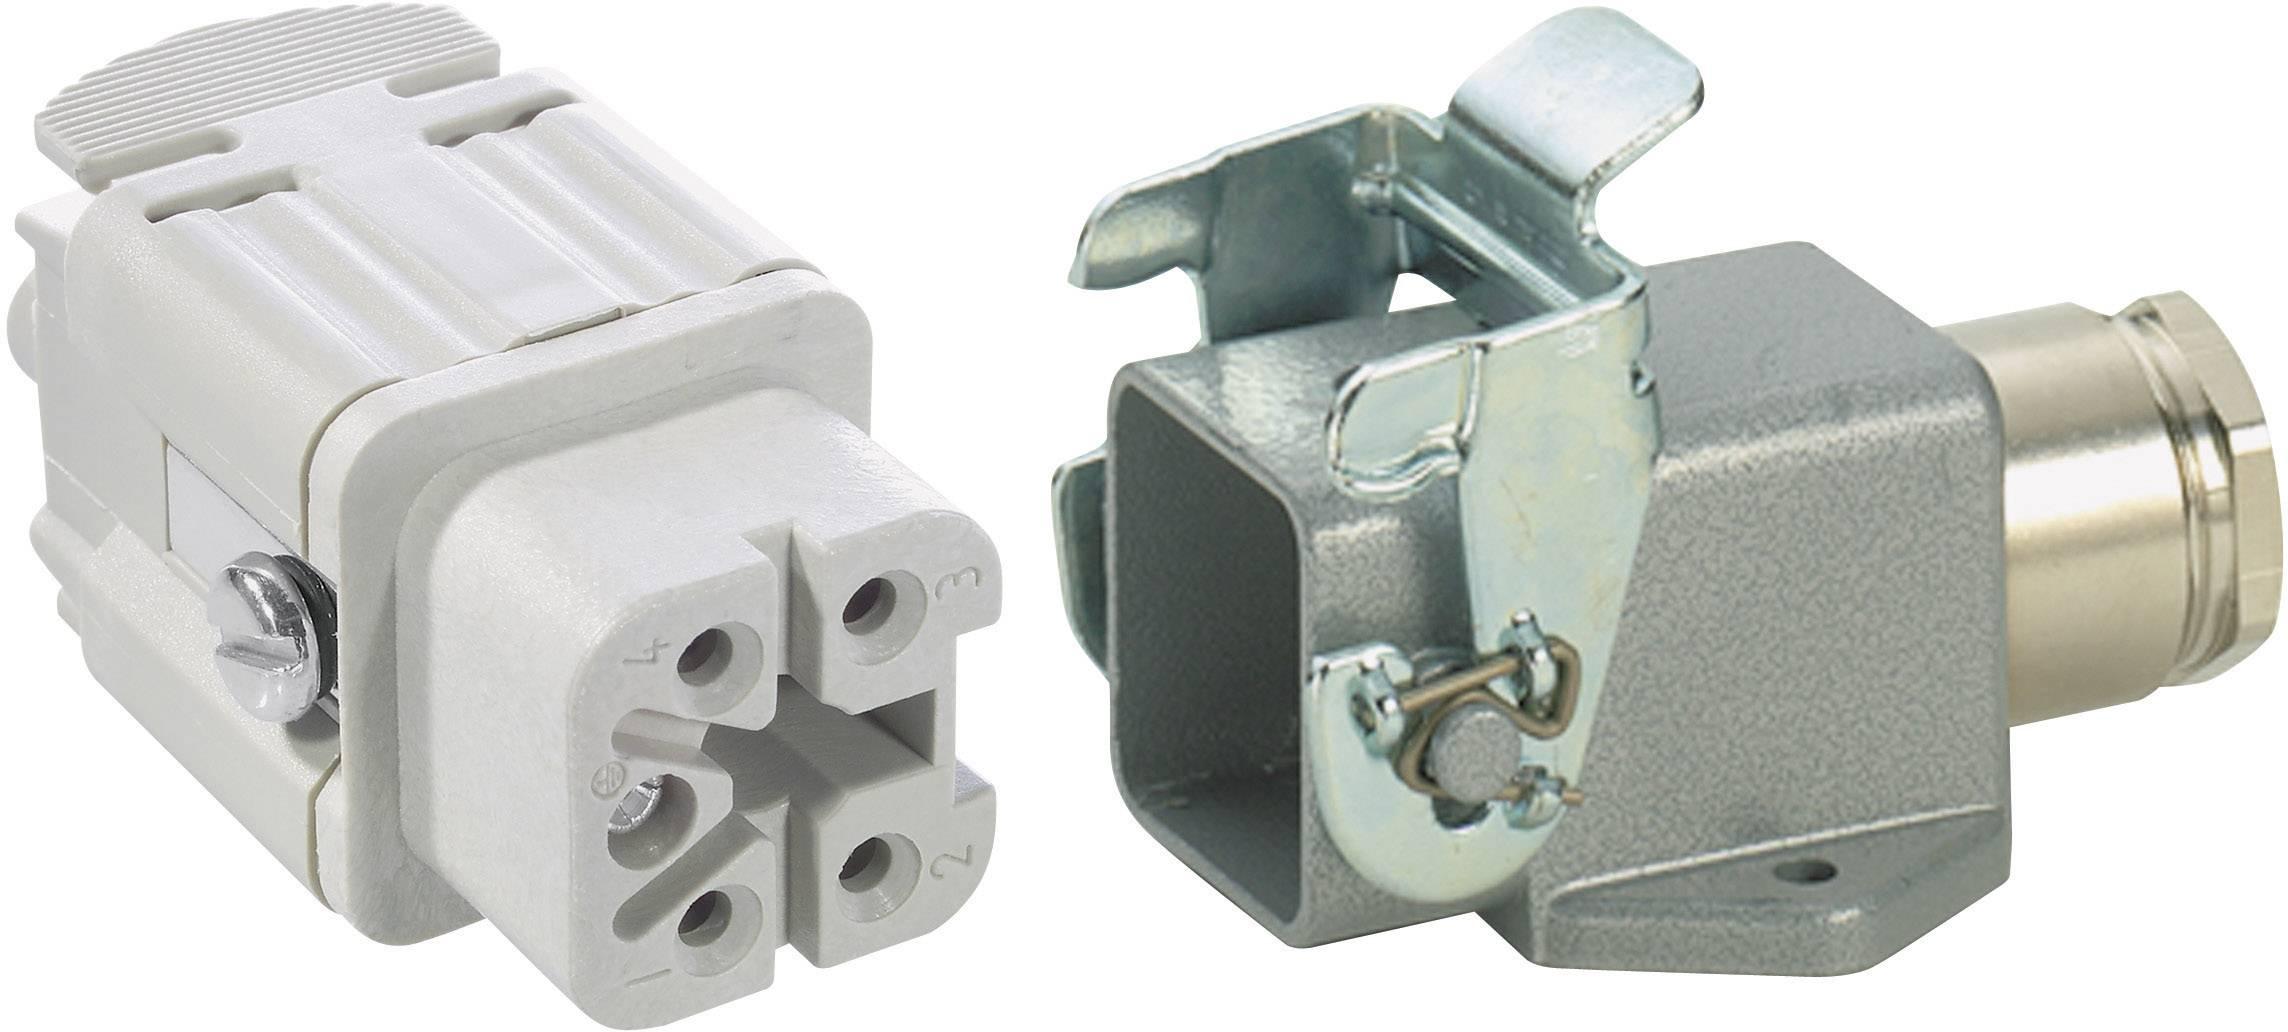 Sada konektorů EPIC®KIT H-A 4 75009622 LAPP 4 + PE šroubovací 1 sada